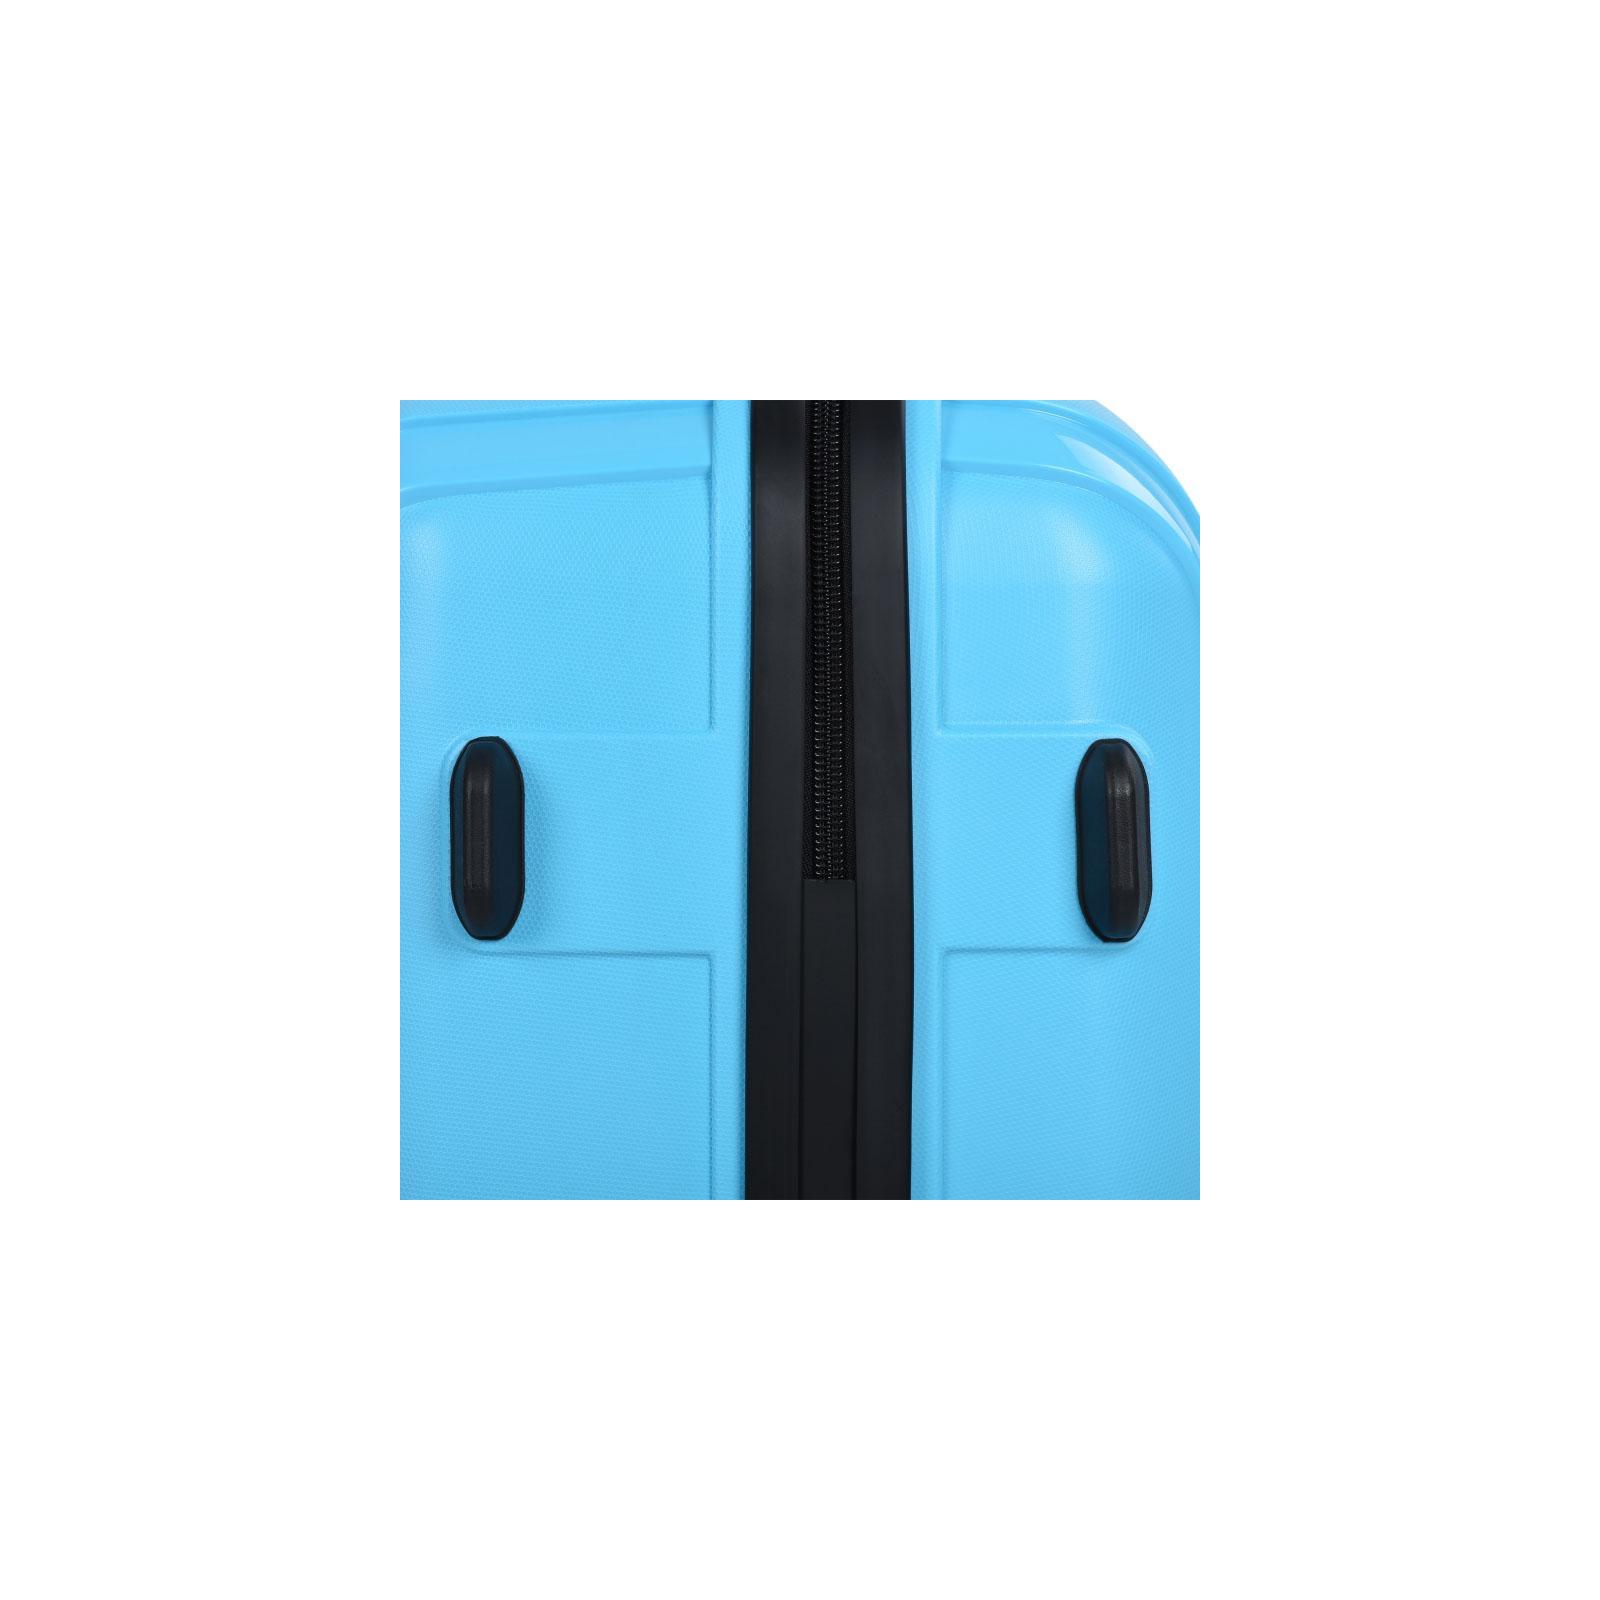 Чемодан 2E Youngster средний синий (2E-SPPY-M-NV) изображение 6